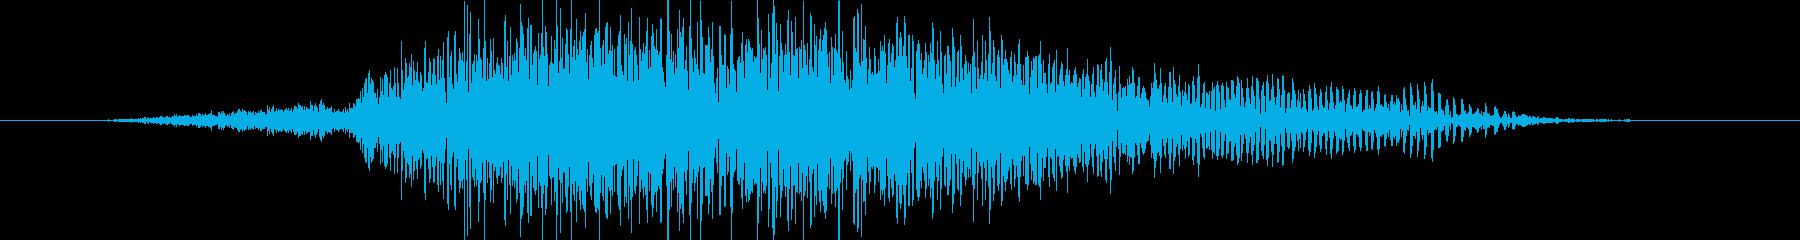 さー!(男女)和風掛け声 祭り の再生済みの波形